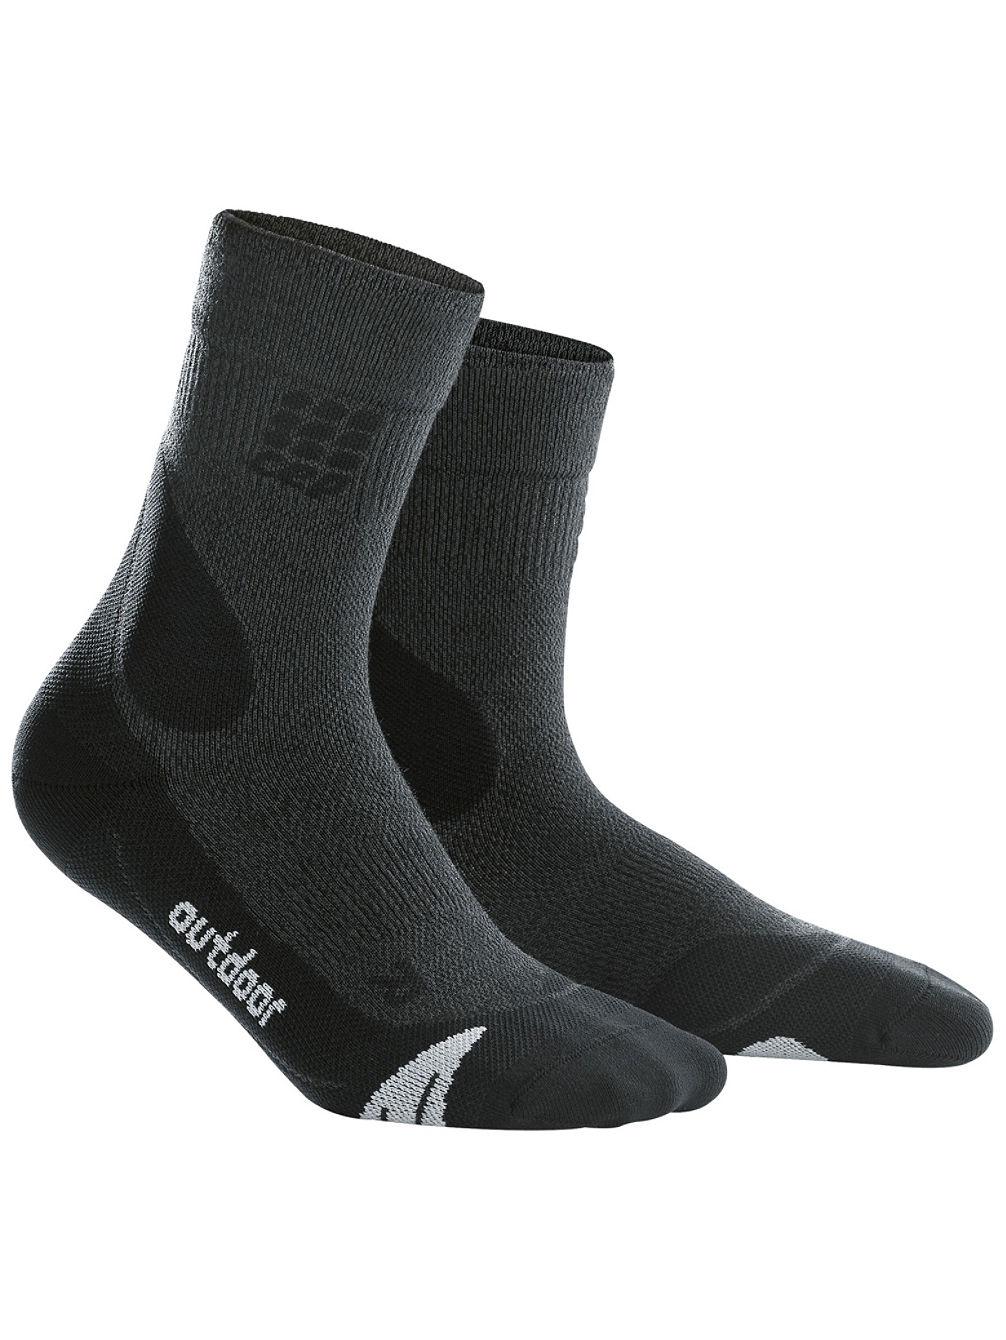 Cep Outdoor Merino Mid Cut Socken